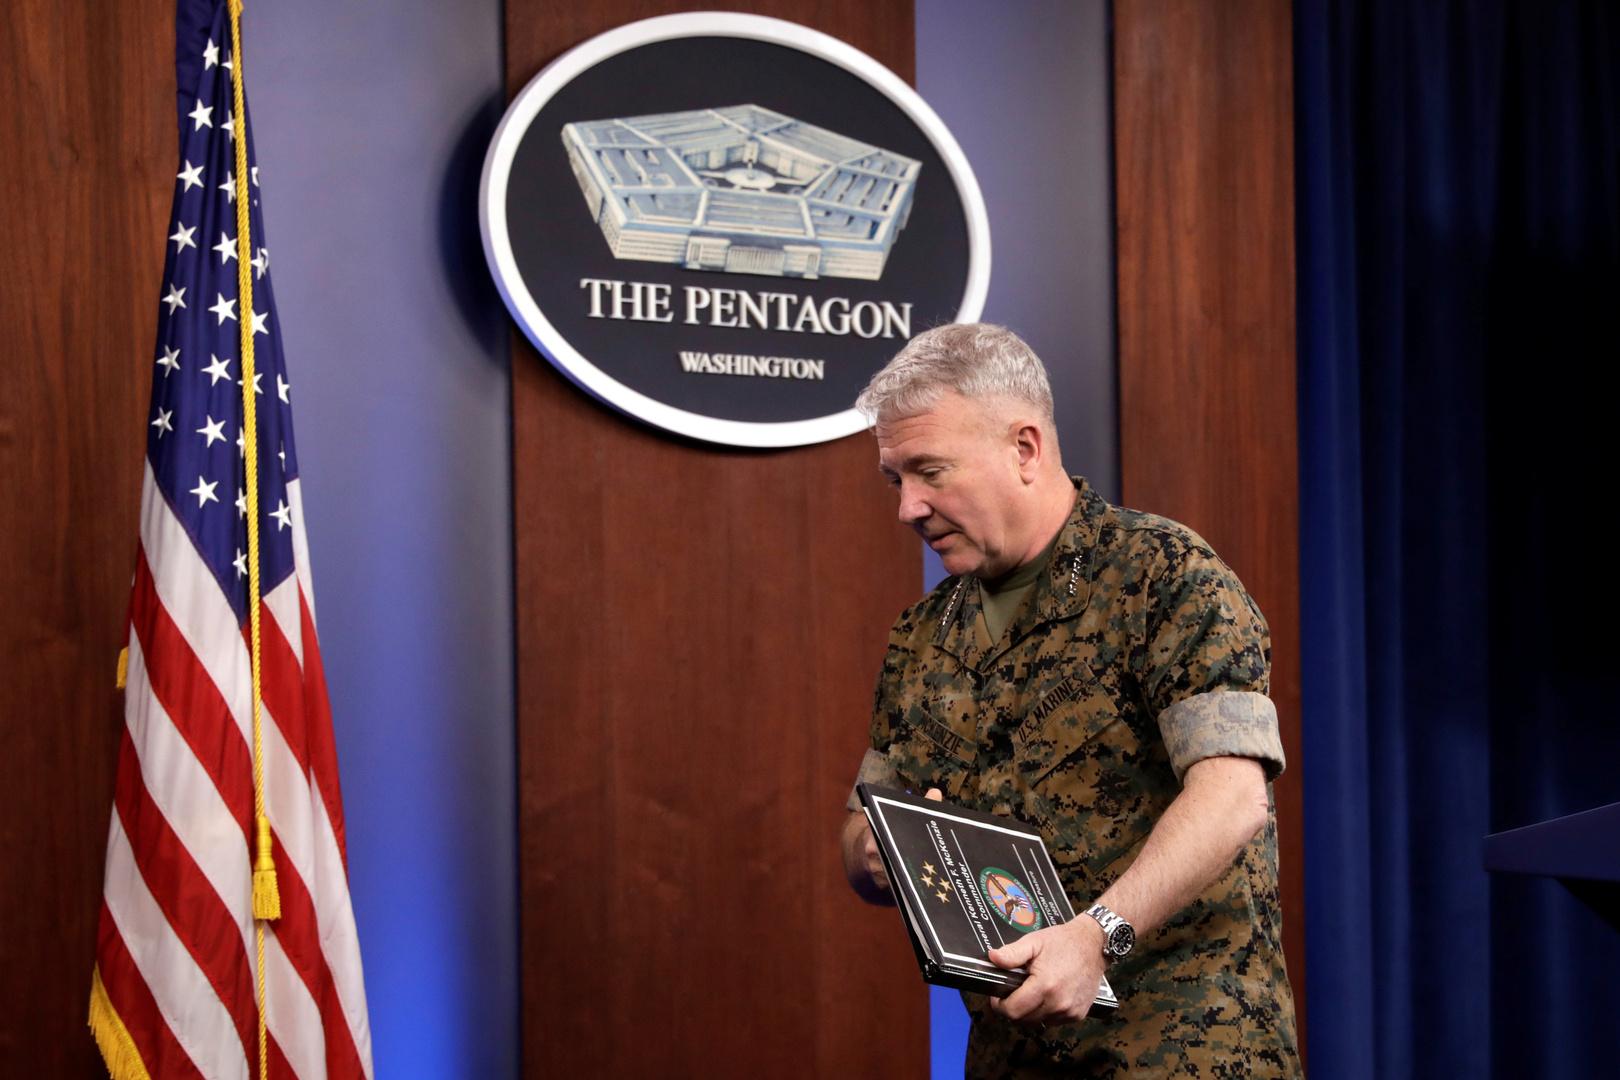 قائد القوات الأمريكية في الشرق الأوسط يبحث عن حل لمشكلة الهجمات بالطائرات المسيرة الصغيرة